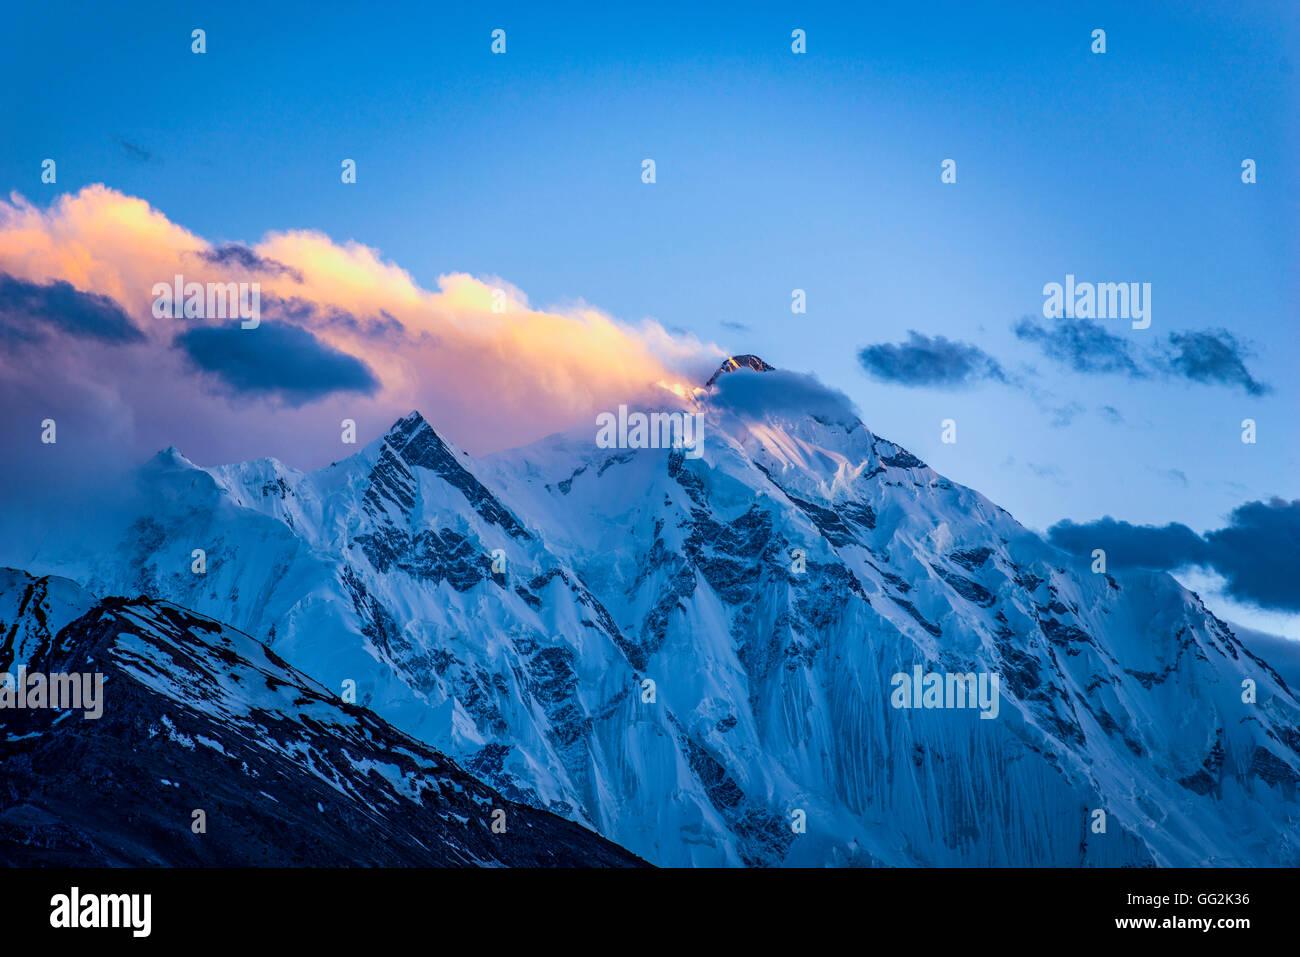 Sunset in the Karakorum mountains - Stock Image